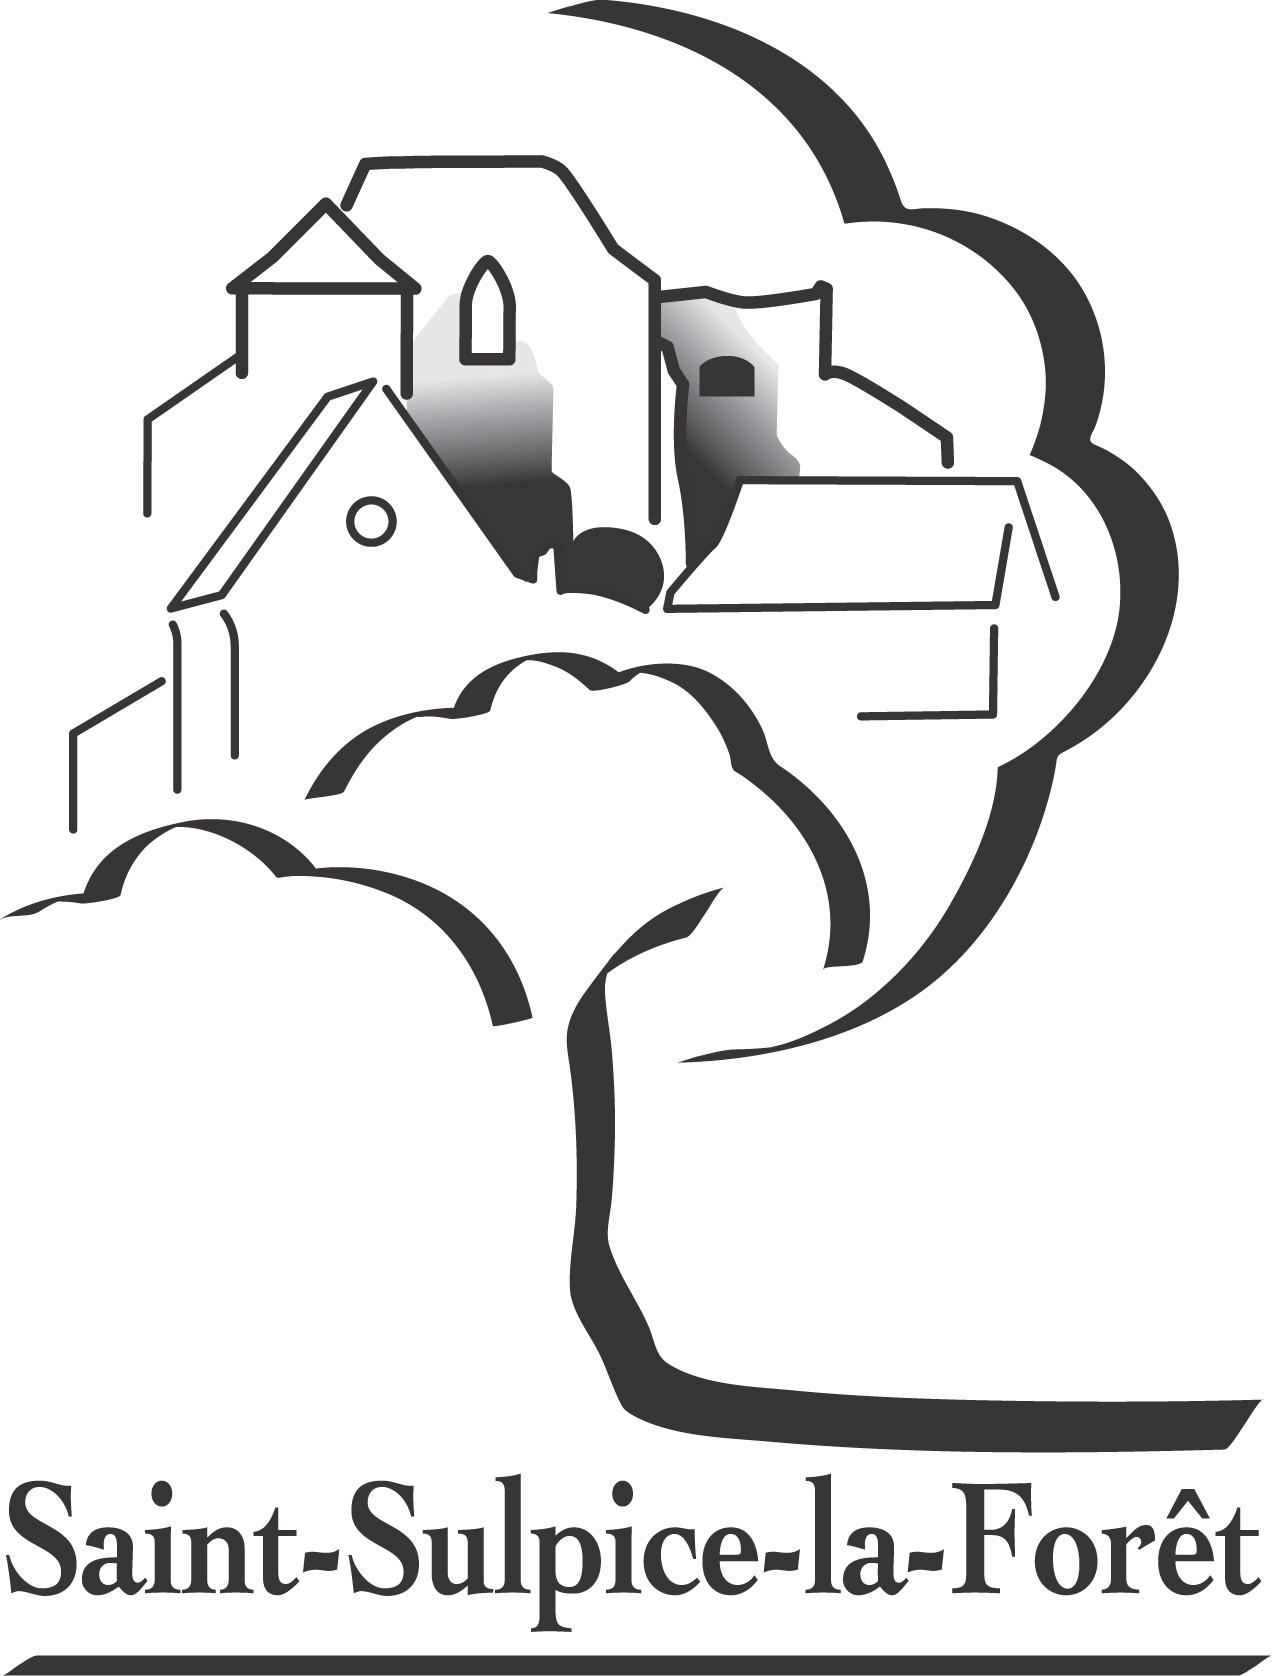 Logo de Saint-Sulpice-la-Forêt (noir).